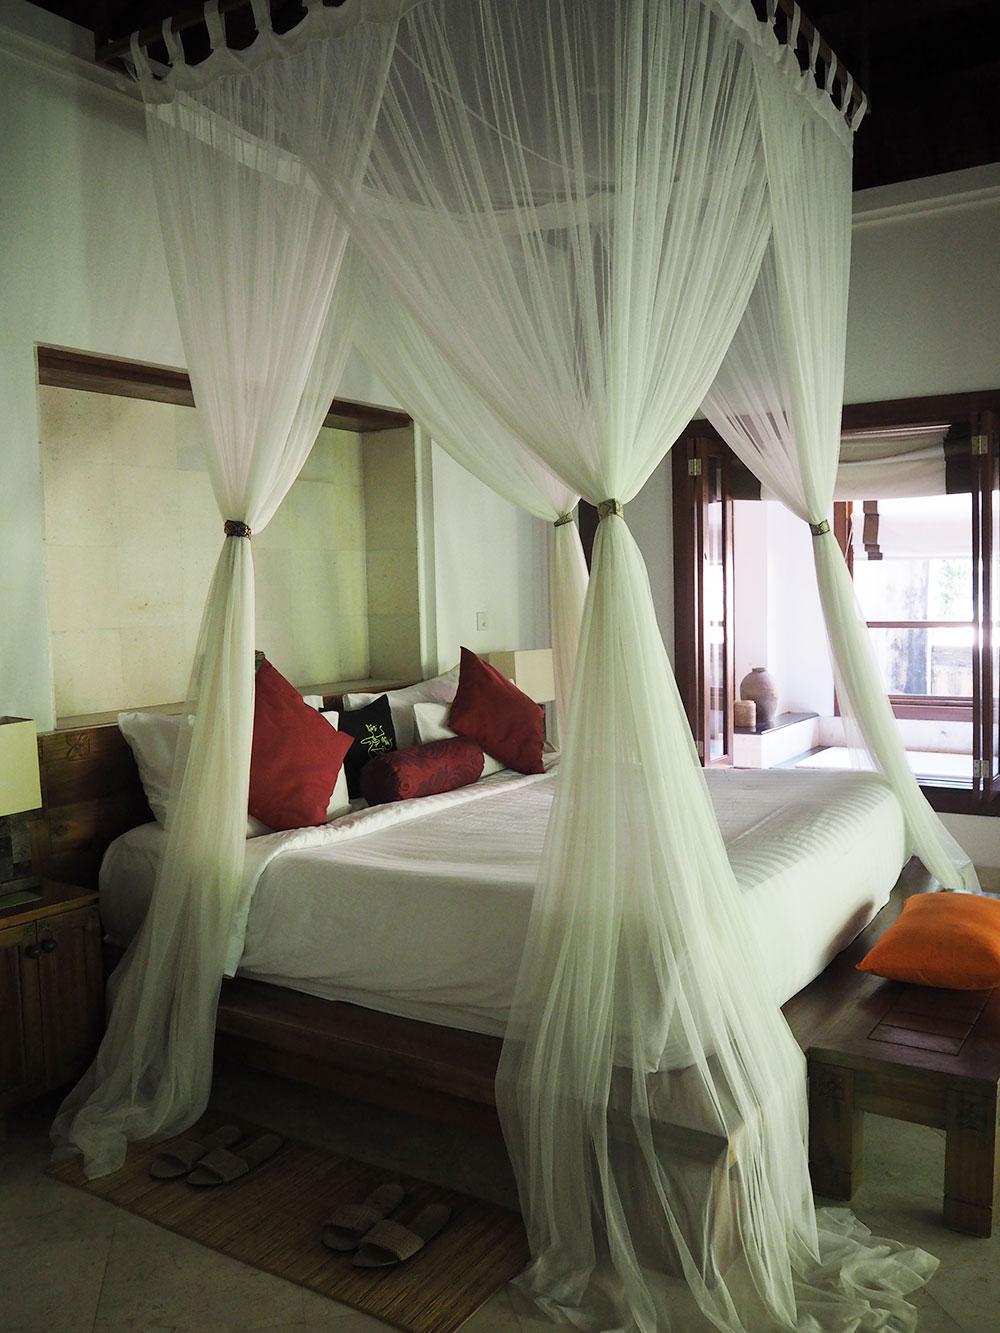 RosyCheeks-Bali-Alam-Ubud-room